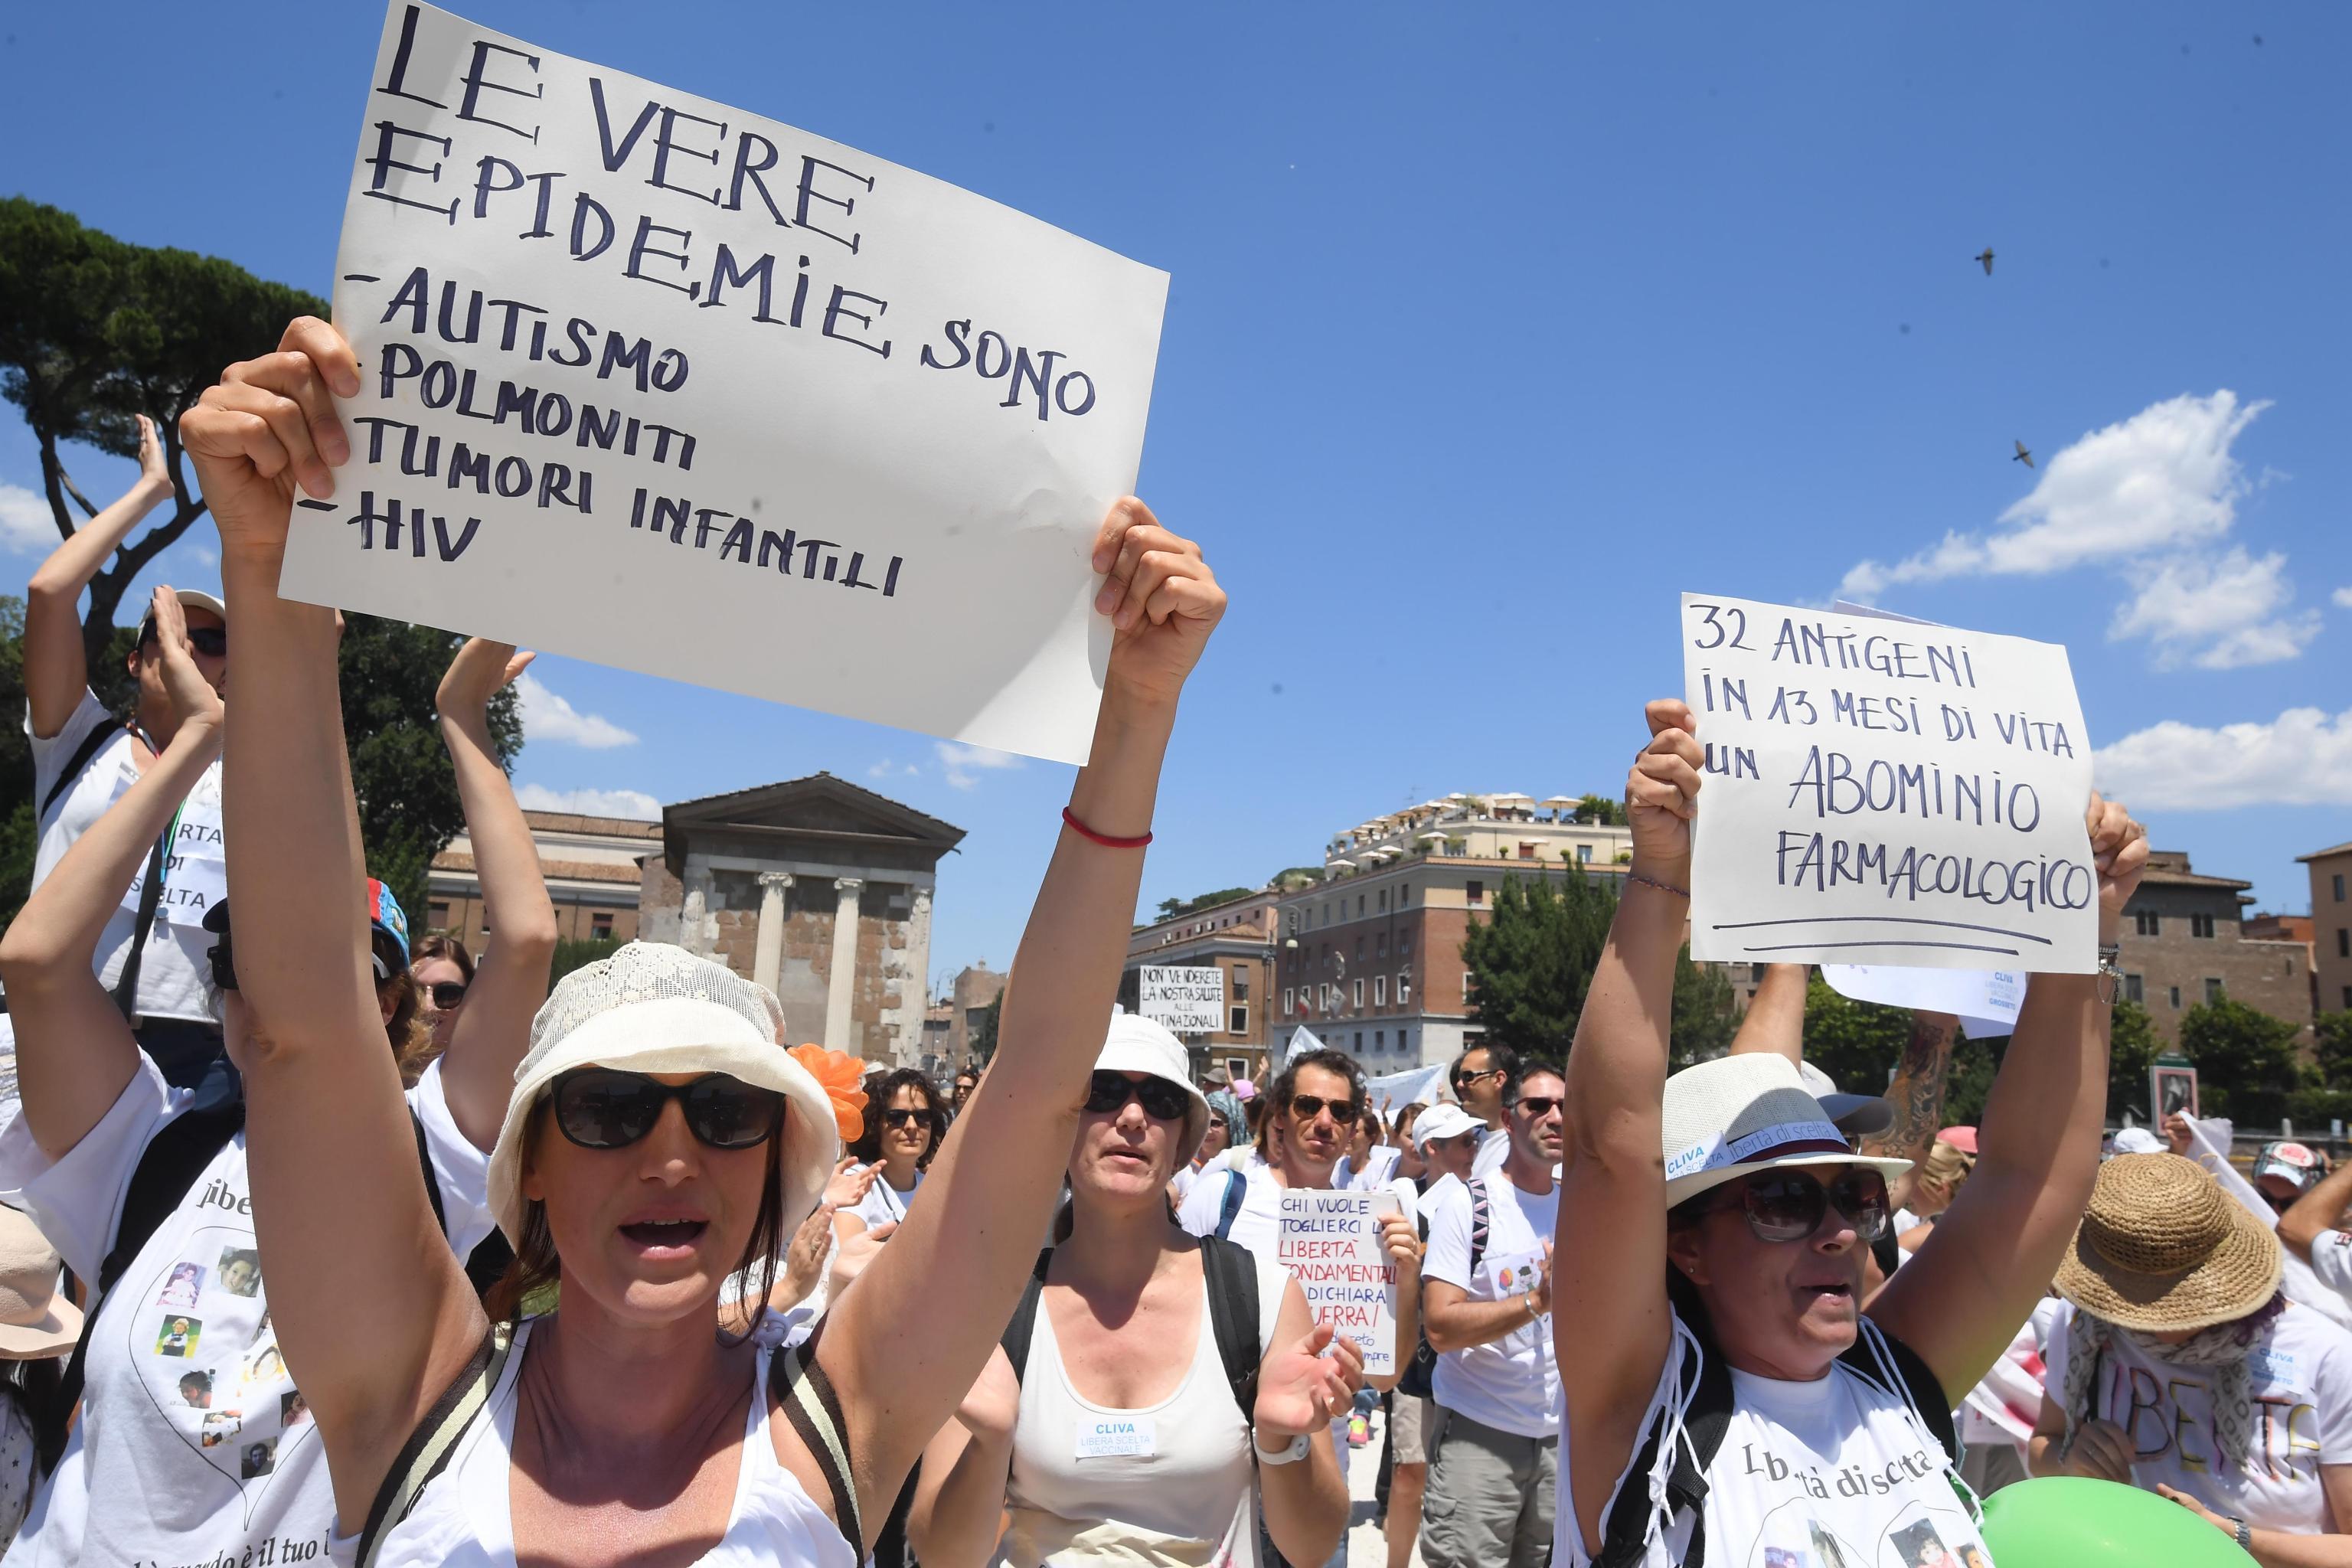 Vaccini obbligatori, a Roma il corteo  no vax : cartelli contro la Lorenzin